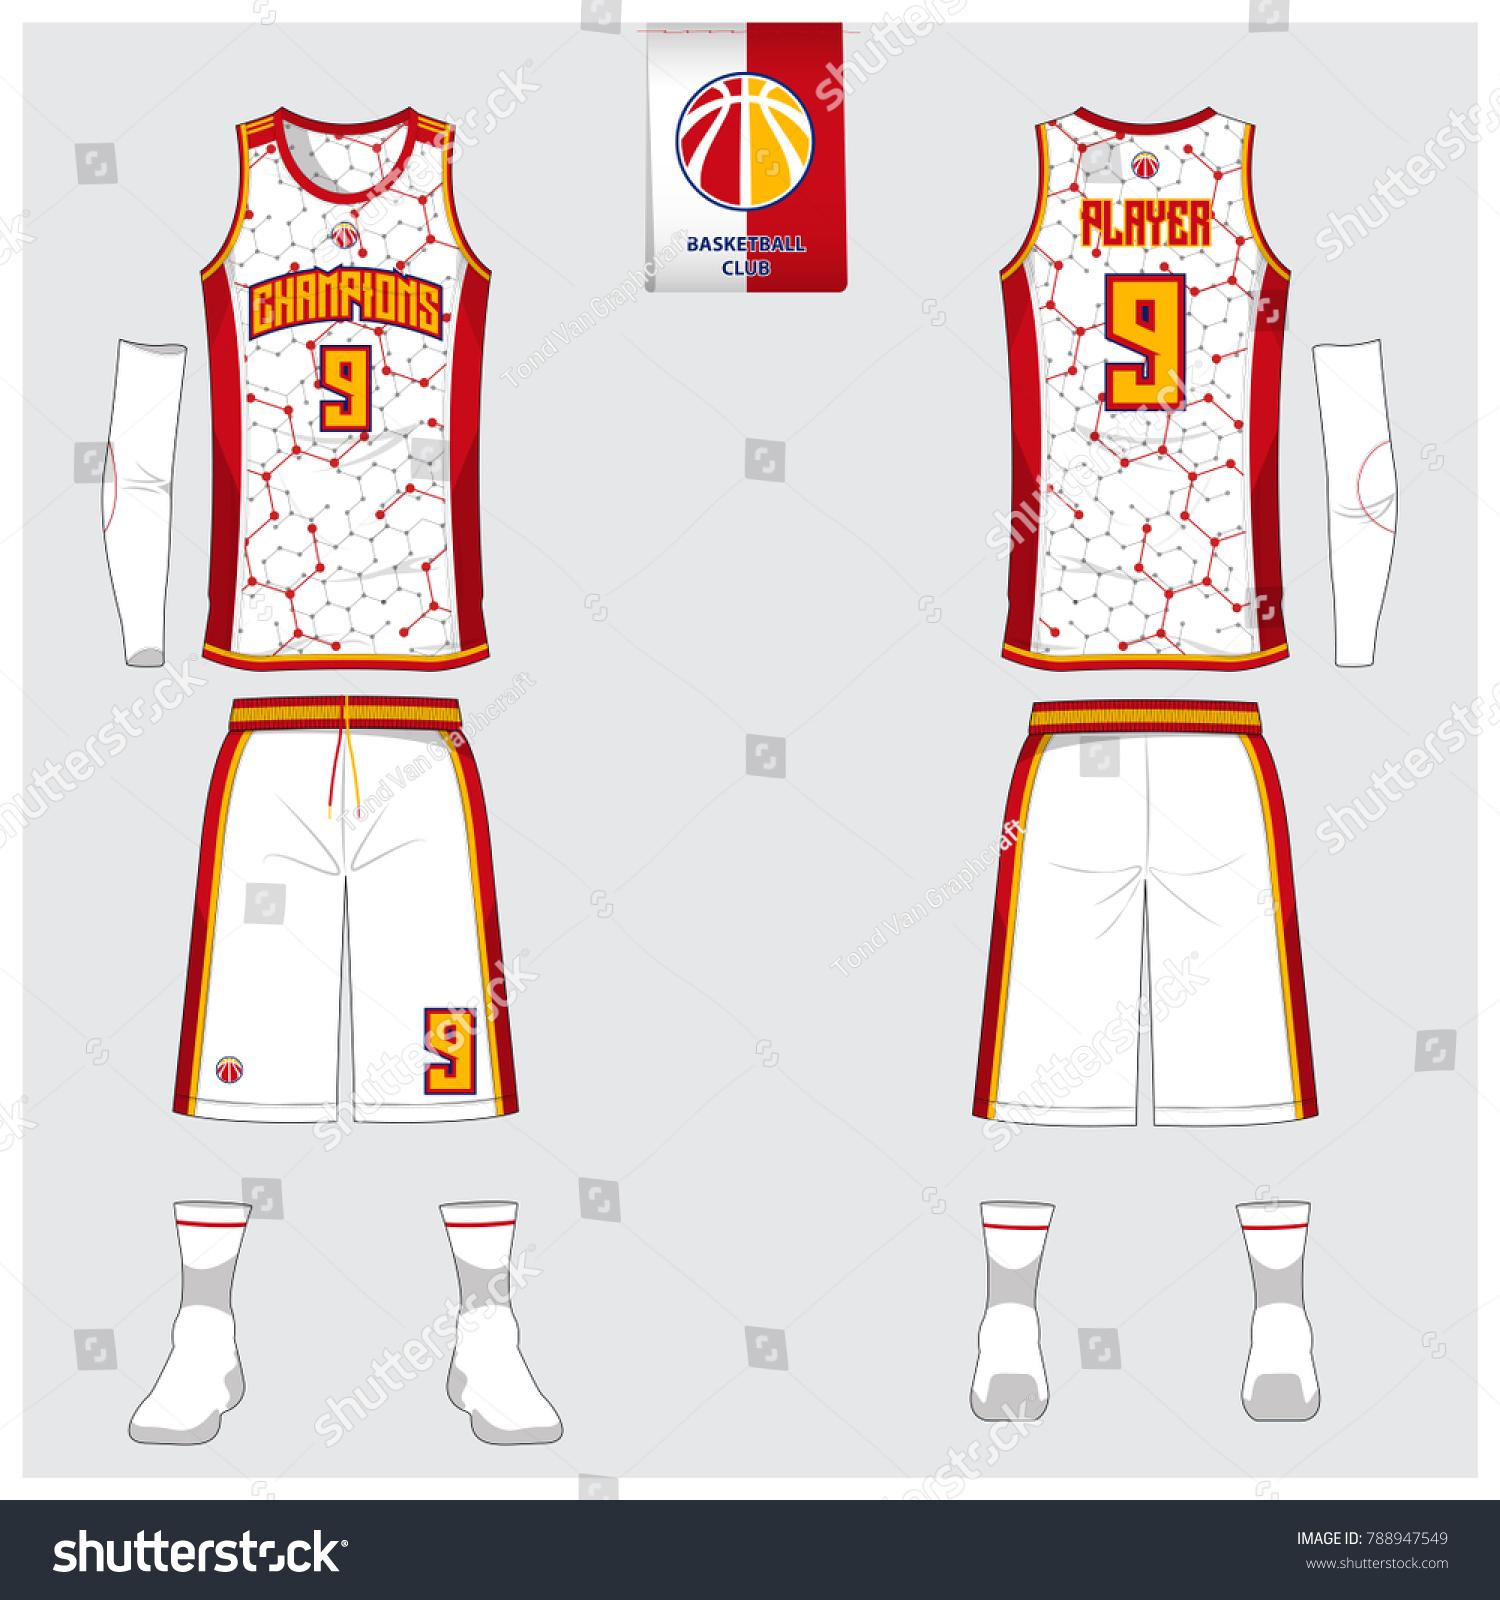 Basketball Uniform Template Design Tank Top Stock Vector Royalty